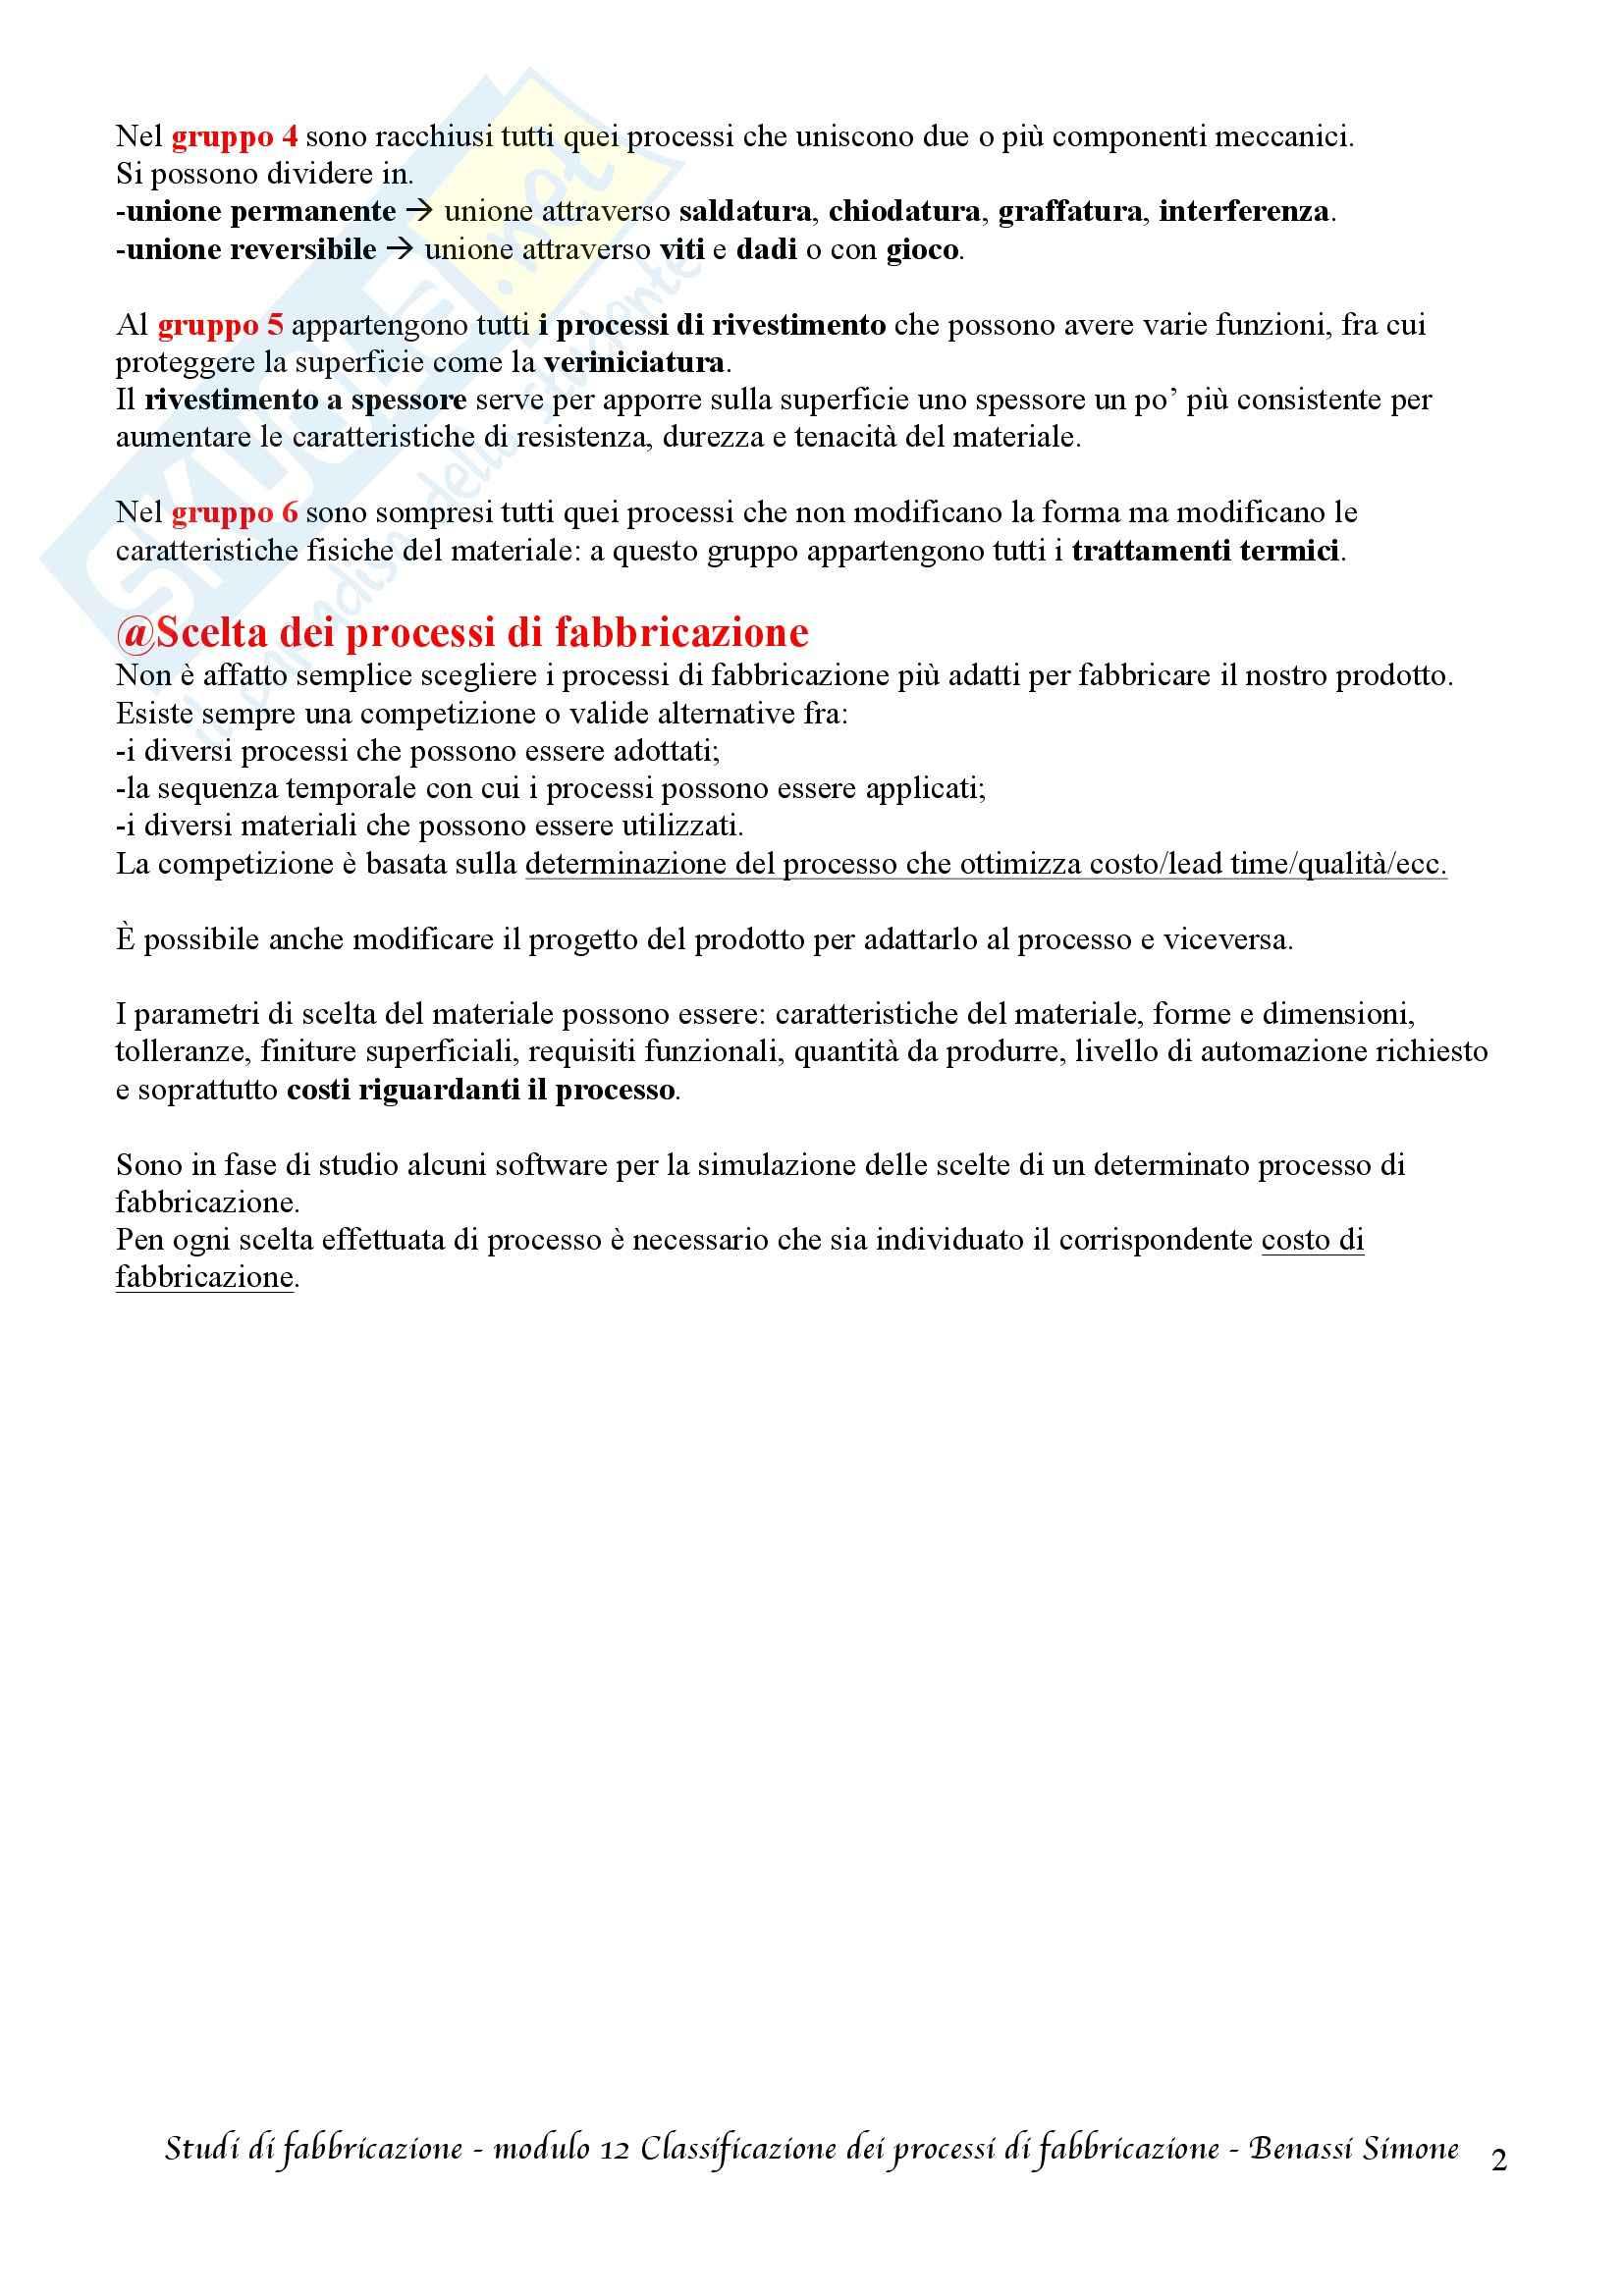 Studi di fabbricazione T-1 - Appunti Pag. 41